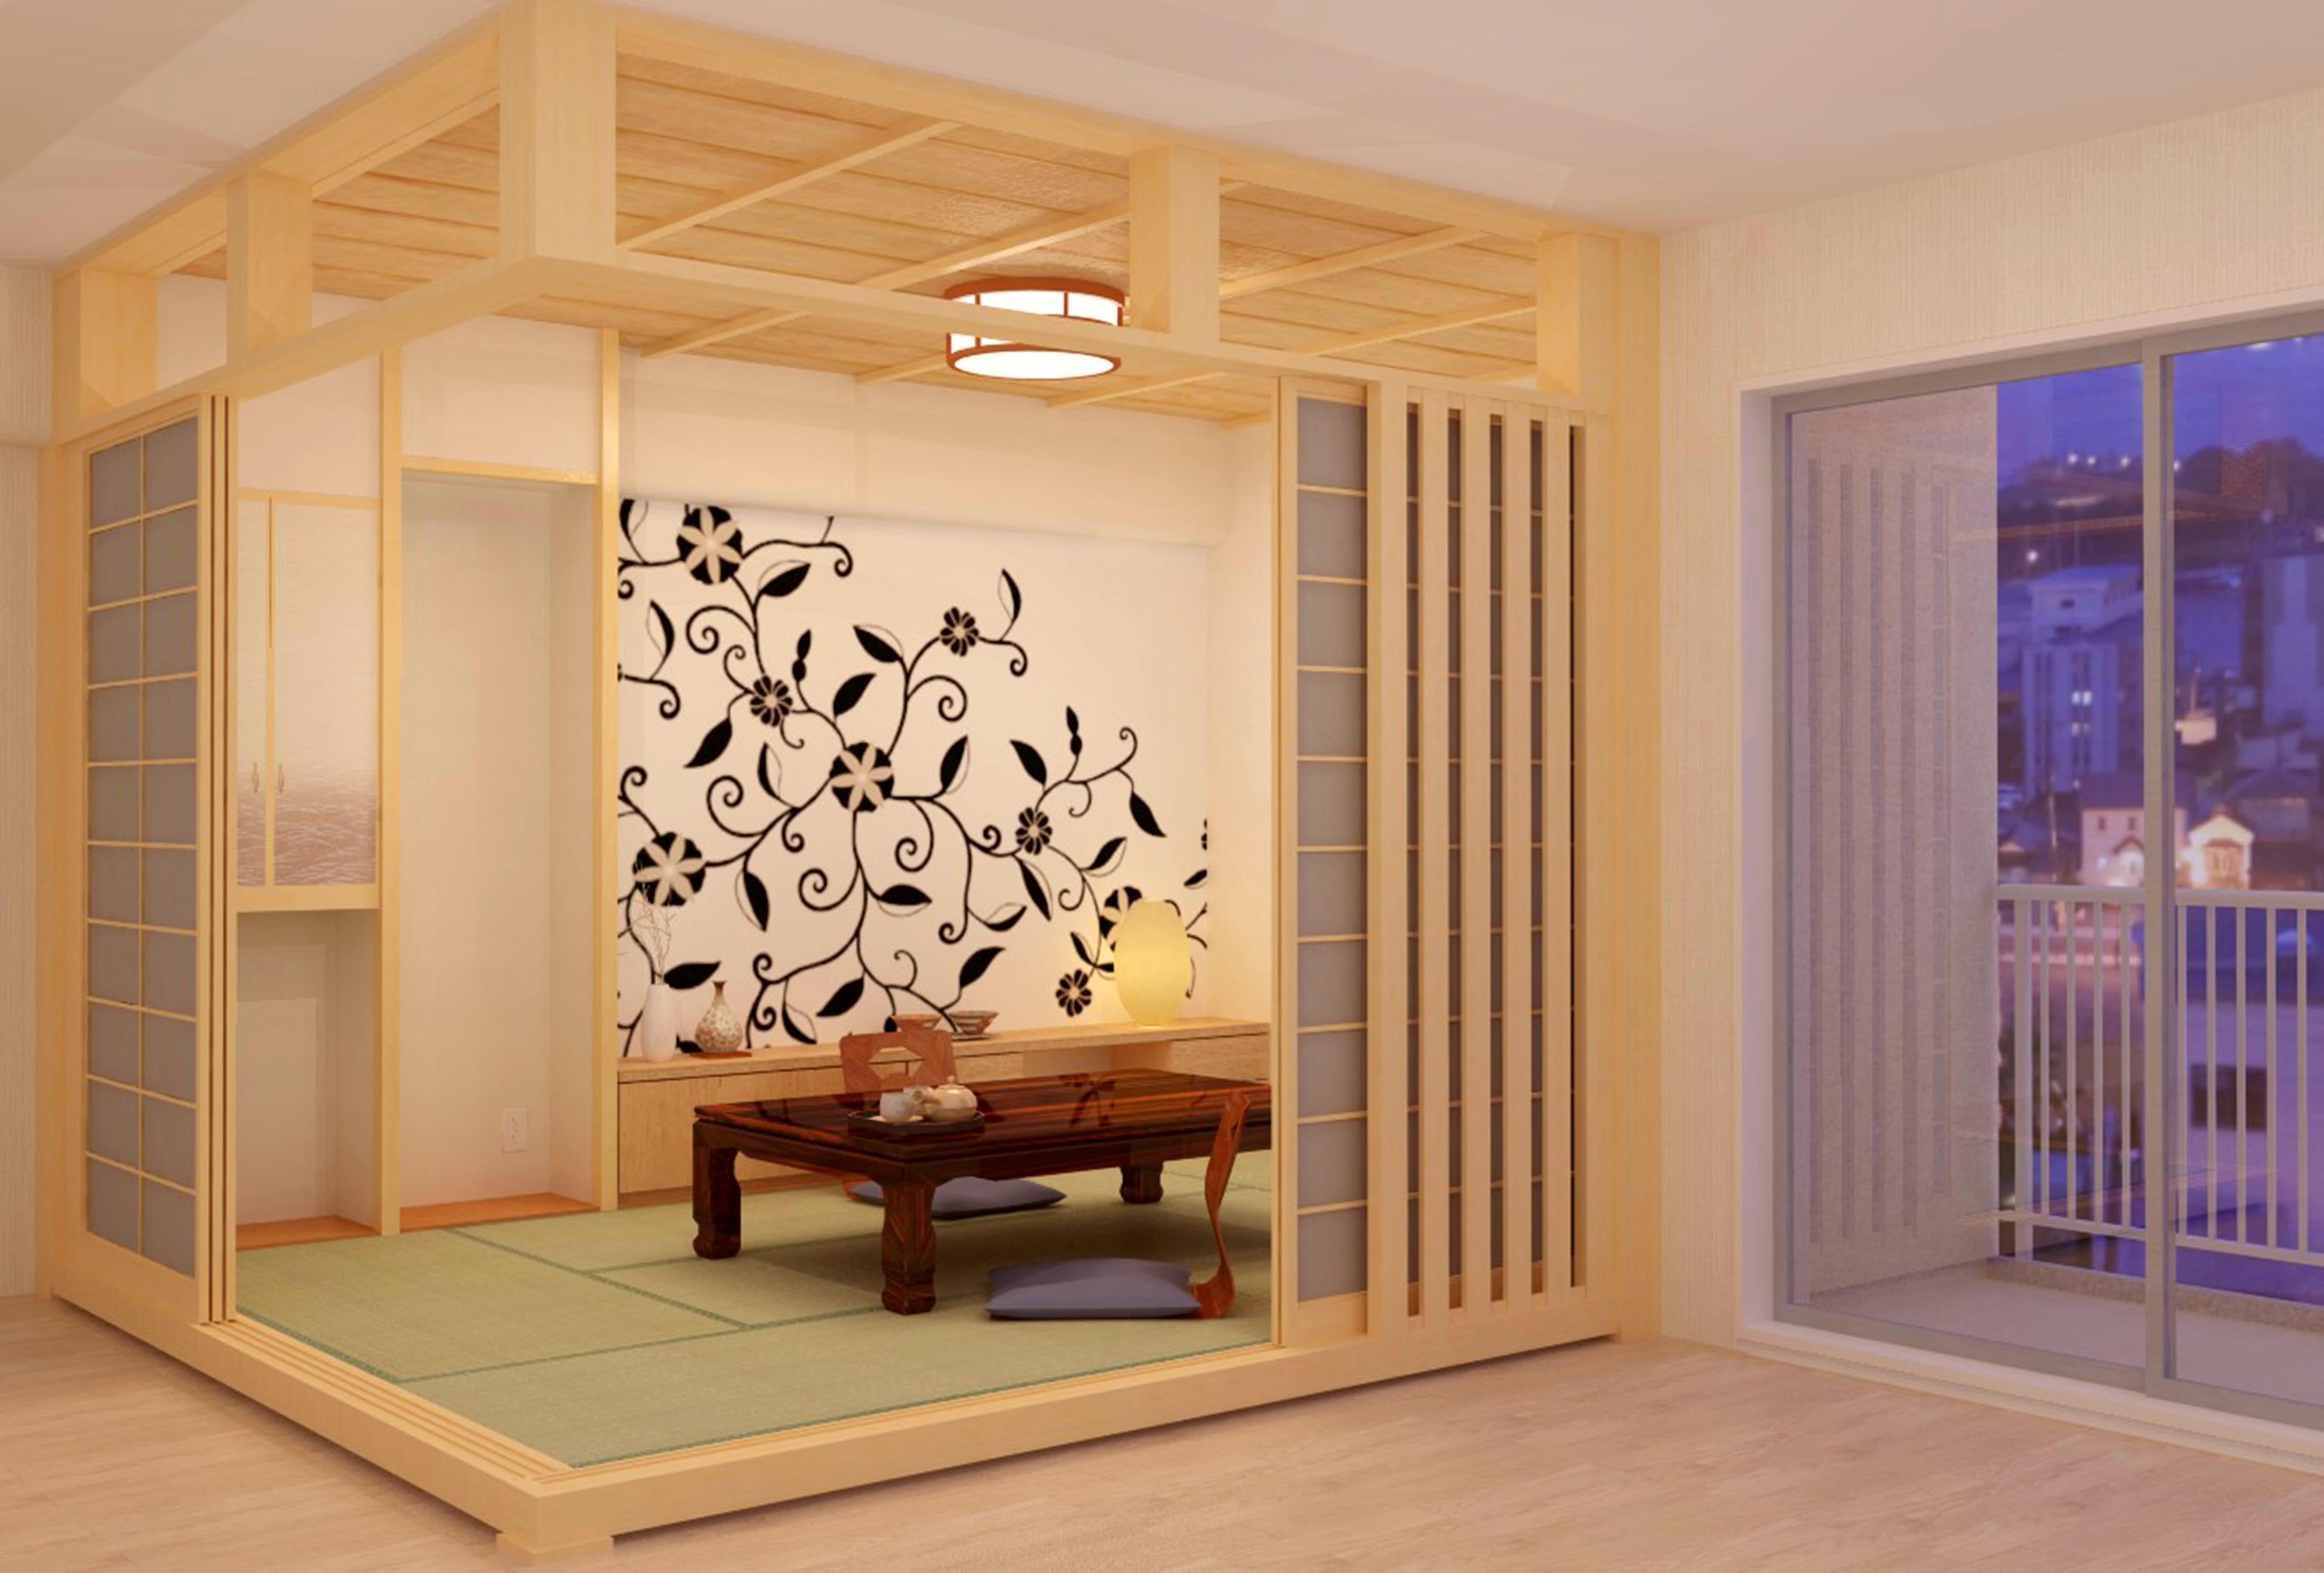 和室 用 壁紙-和室 天井 壁紙 ~ 無料のHD壁紙畫像